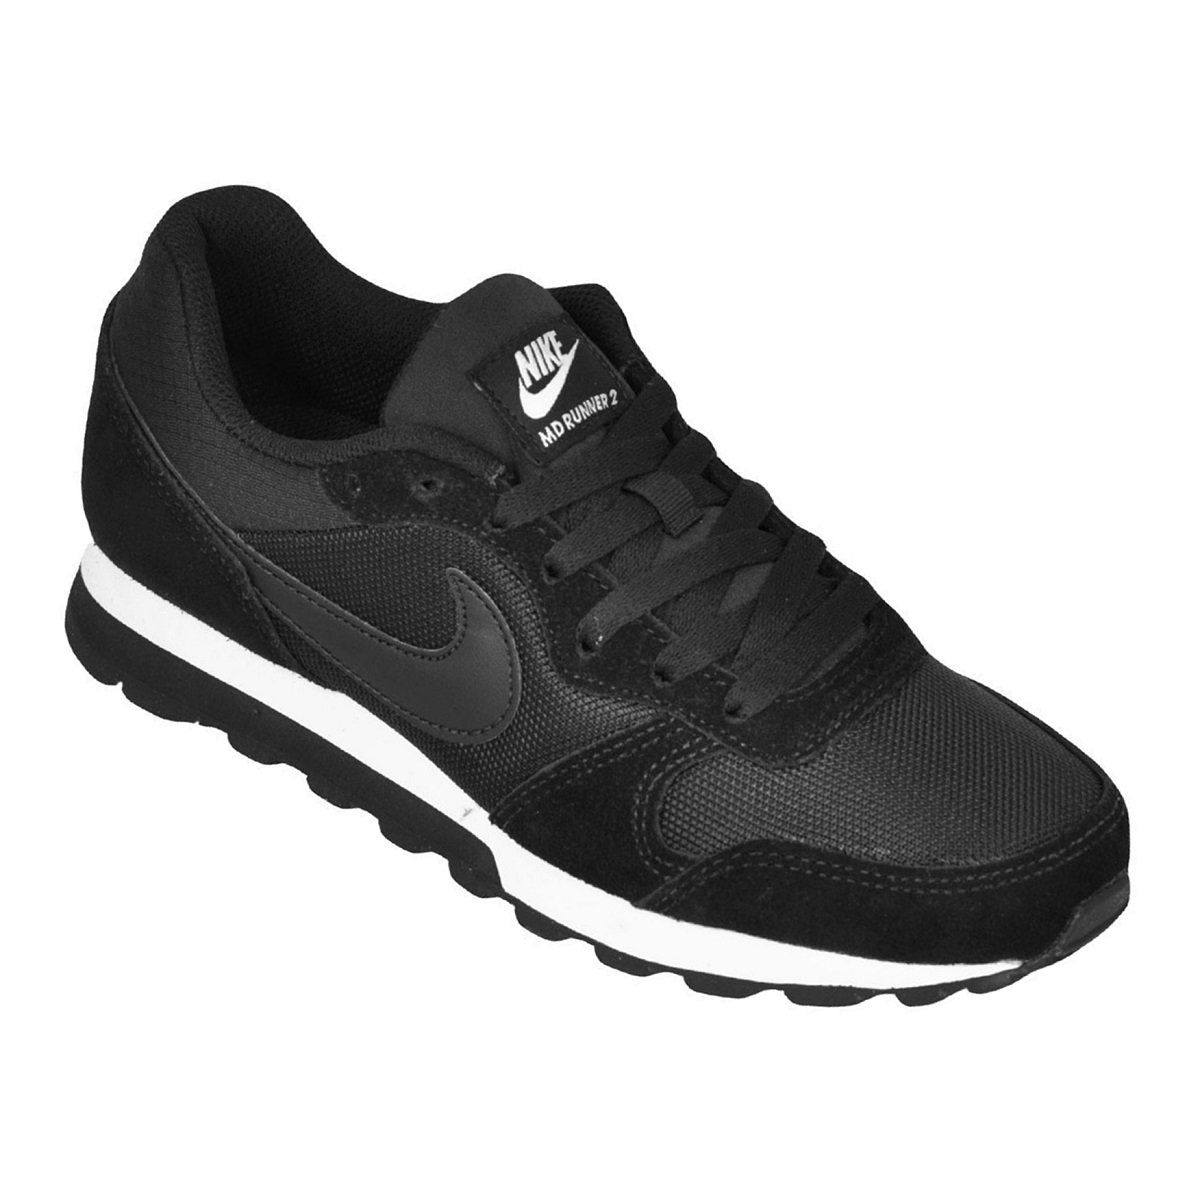 Tênis Feminino Nike WMNS MD Runner 2 749869-001 - Preto Branco ... 67b4692ffe202